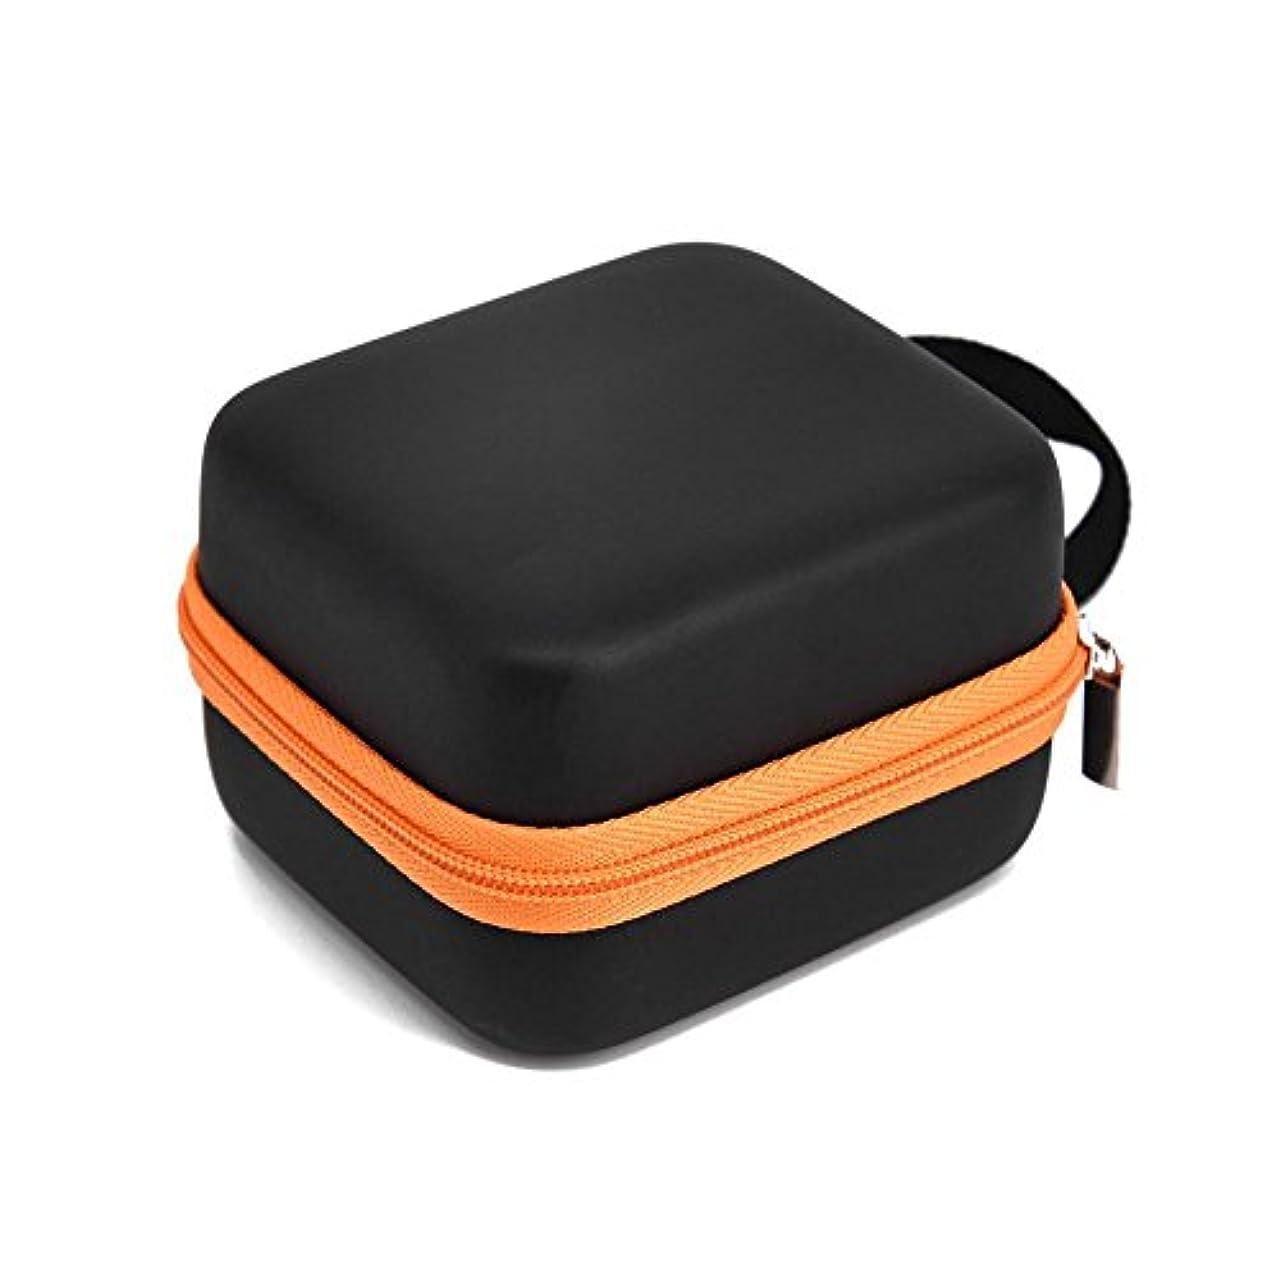 疑わしい保証リーガンFarlong 7グリッド 5ML 精油貯蔵袋 エスニックスタイル オイル収納ボックス 人気の 精油 ケース 5色